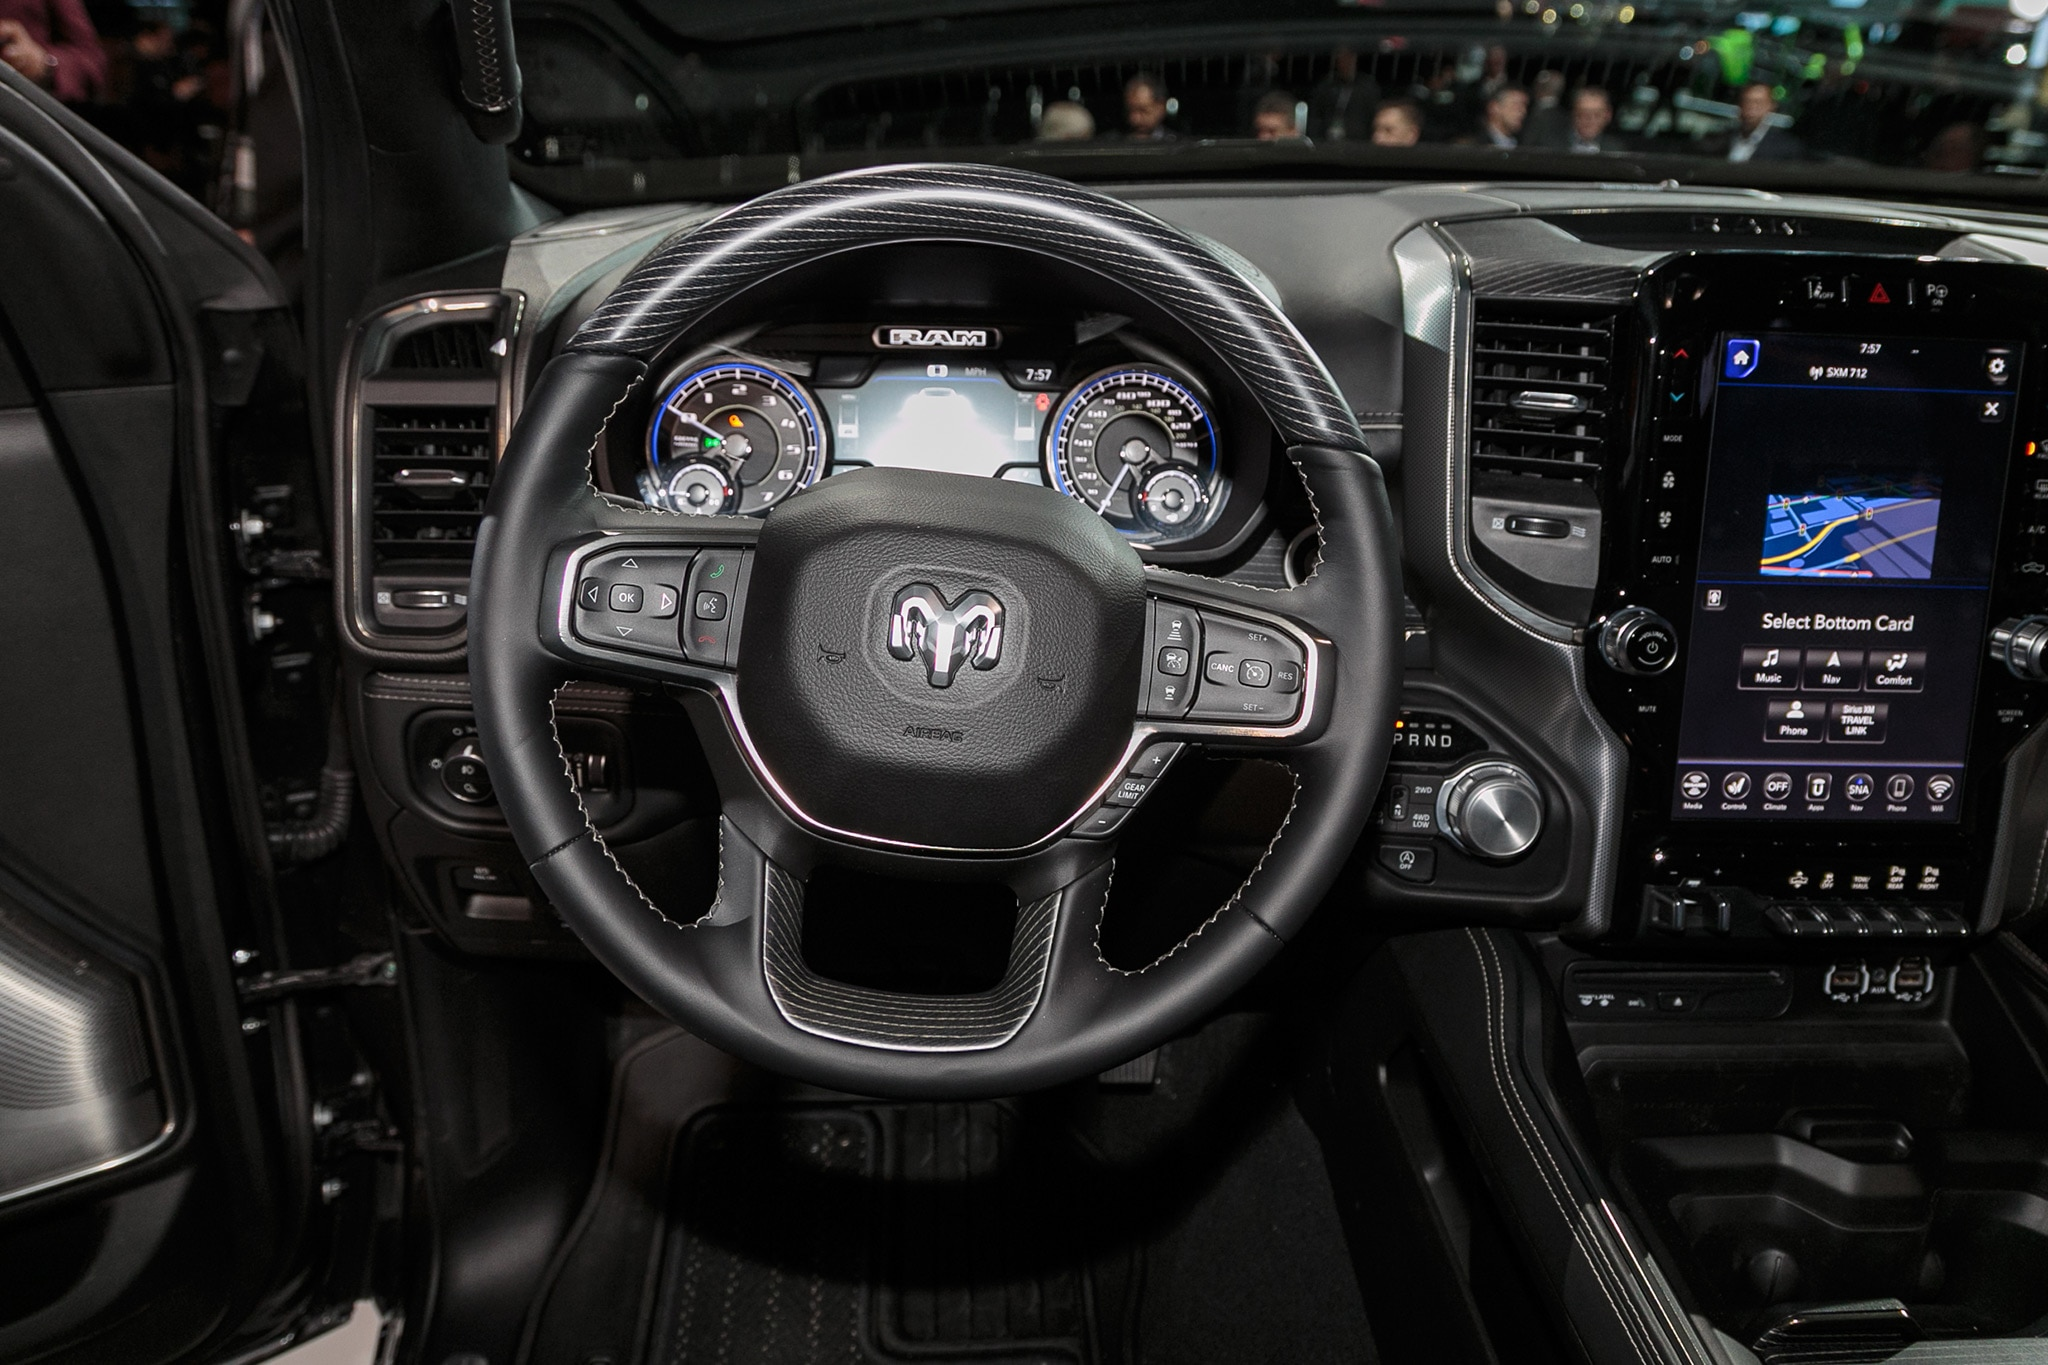 2019 Ram 1500 Limited 12 - Motor Trend en Español